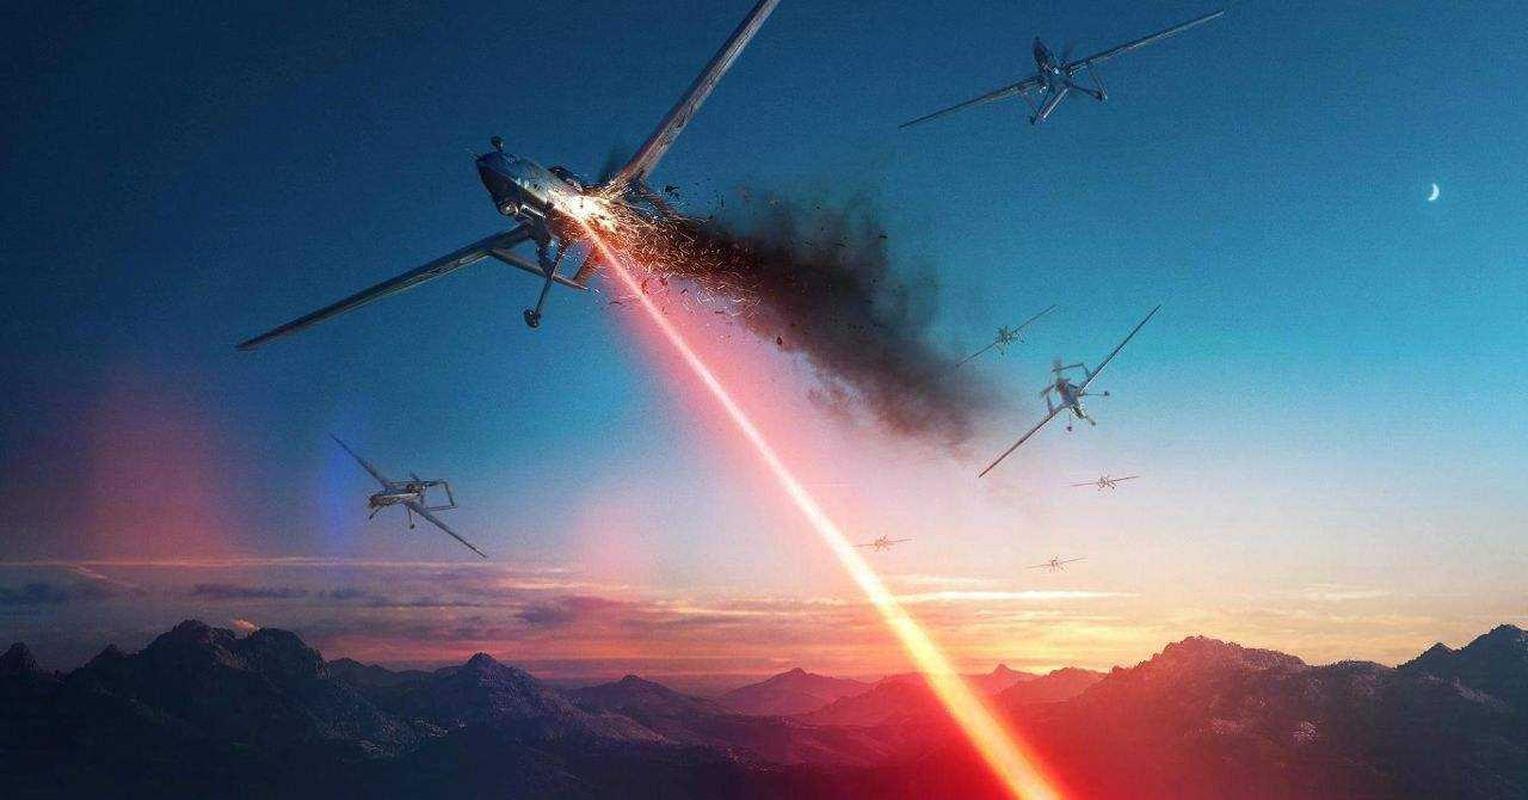 My phat trien vu khi laser thay the vu khi khong chien truyen thong-Hinh-6